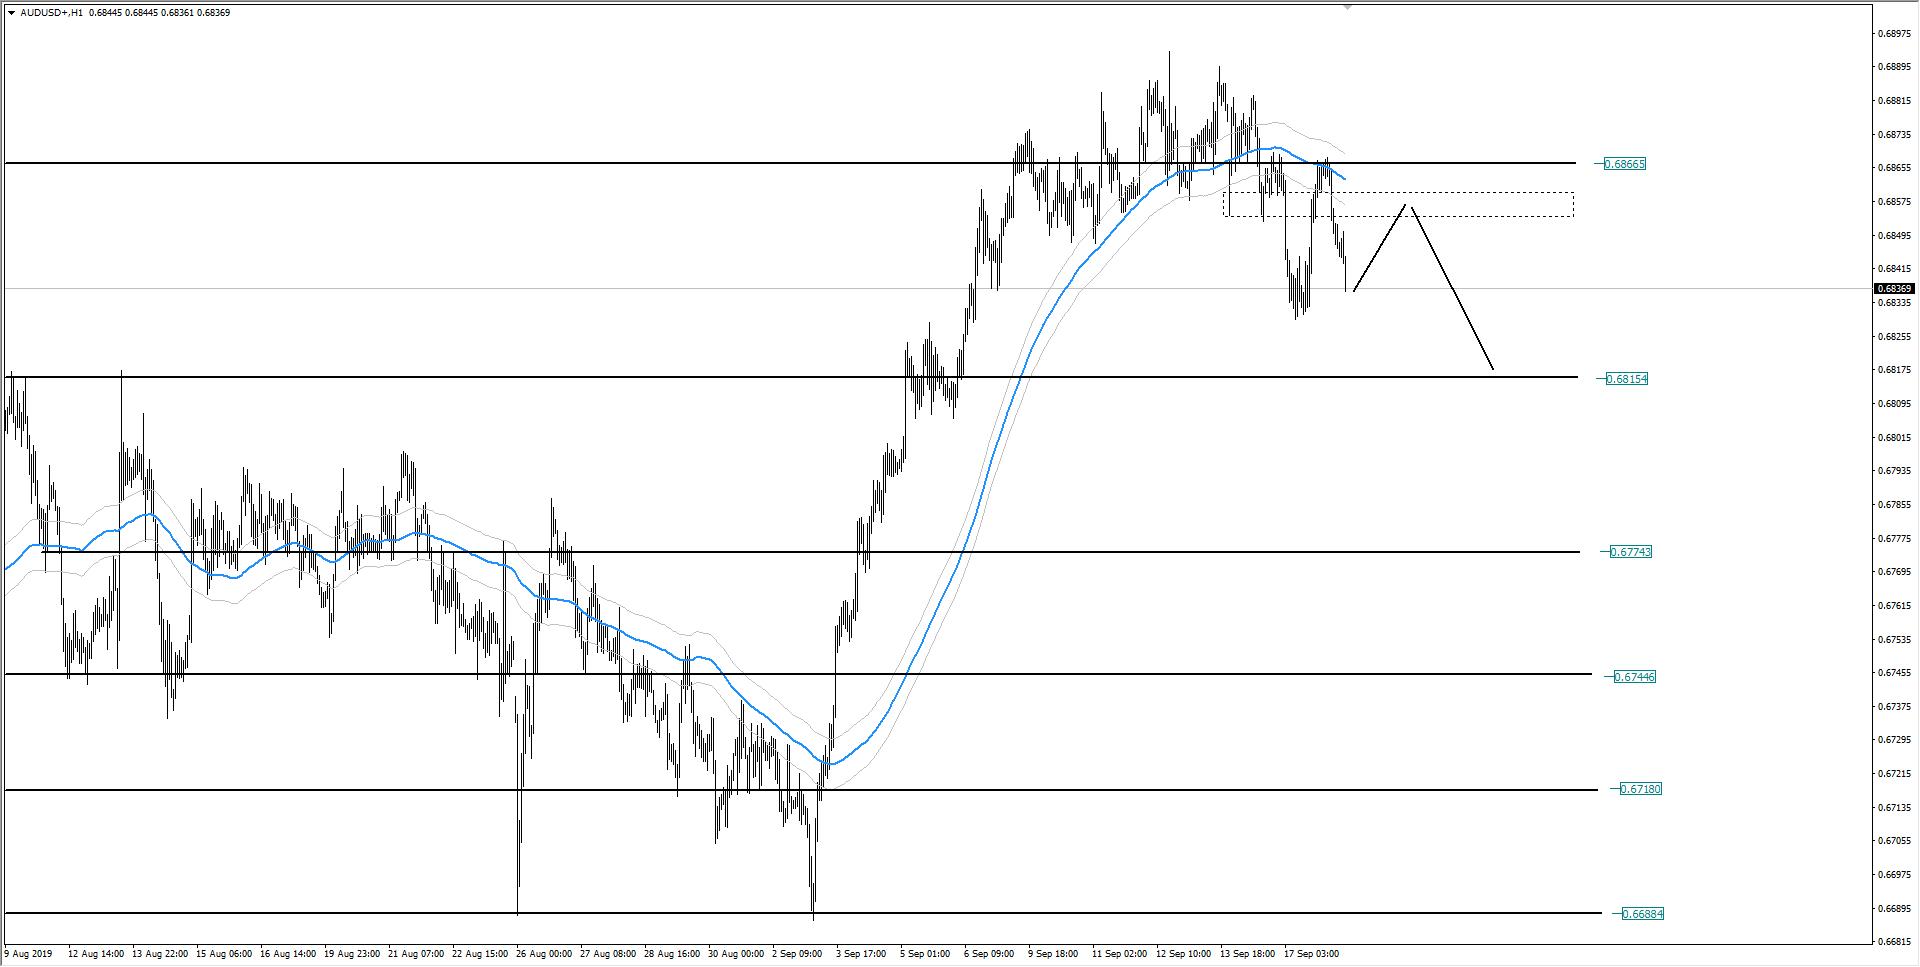 wykres Kurs dolara austrlijskiego AUDUSD H1 18.09.2019